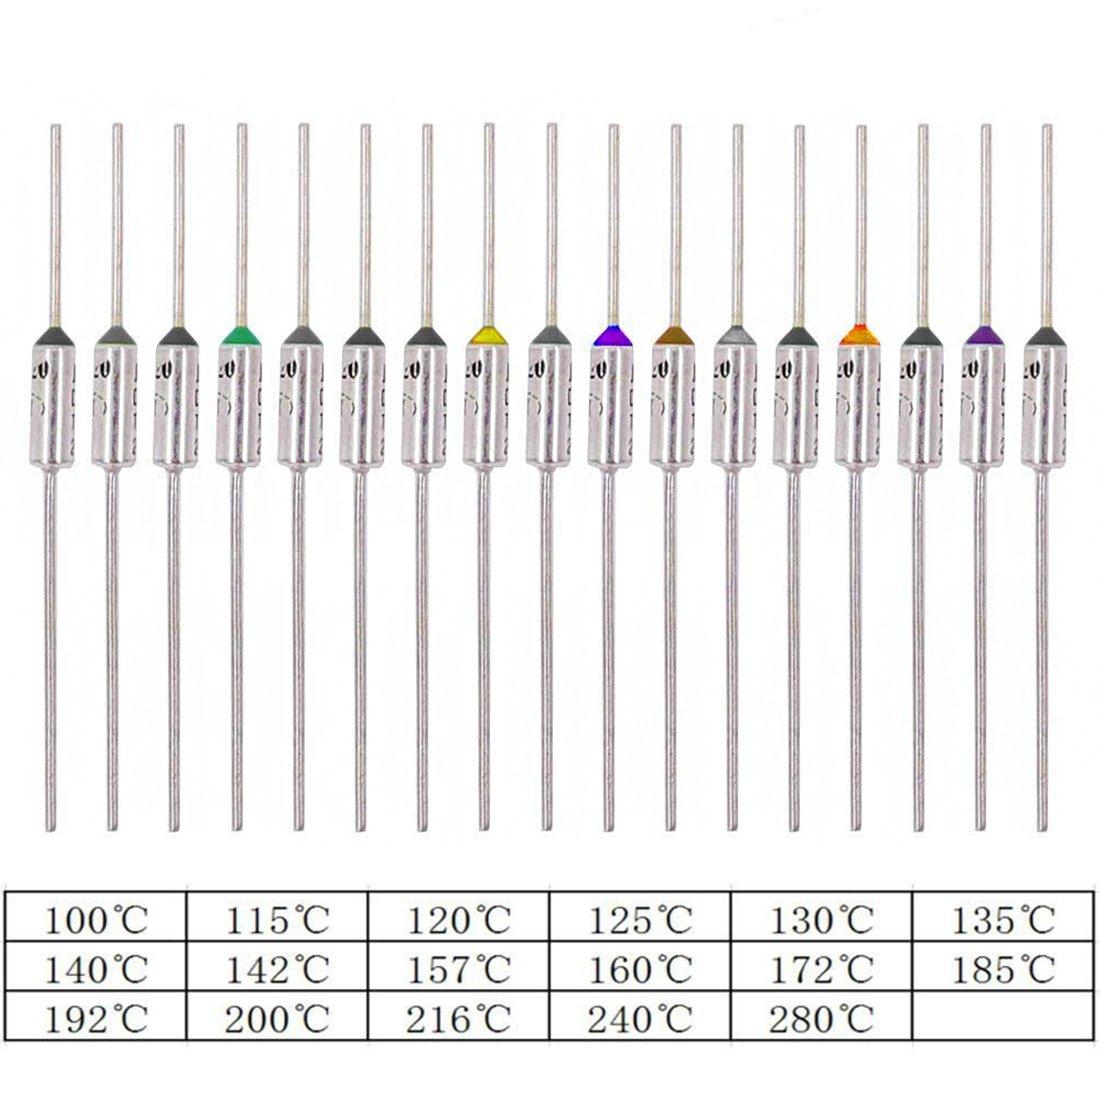 Hilitchi 85-Pcs 10A 250V Circuit Cut Off Temperature Thermal Cutoffs Fuse Assortment Kit - 100℃ to 280℃